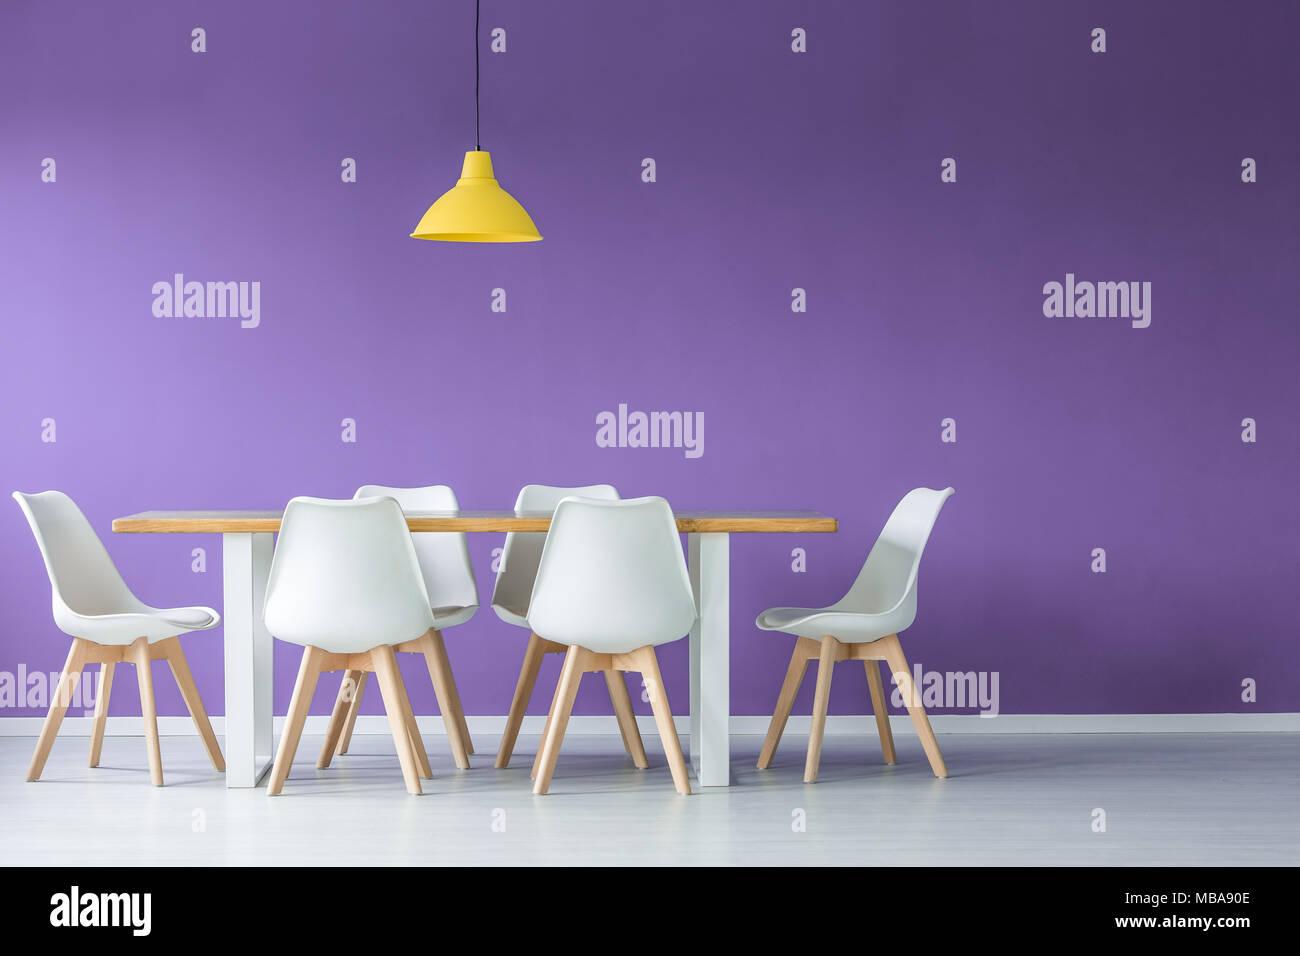 Einfache und moderne Einrichtung mit weißen open space und Stühle aus Holz um einen Esstisch und gelbe Lampe gegen lila Wand Stockbild